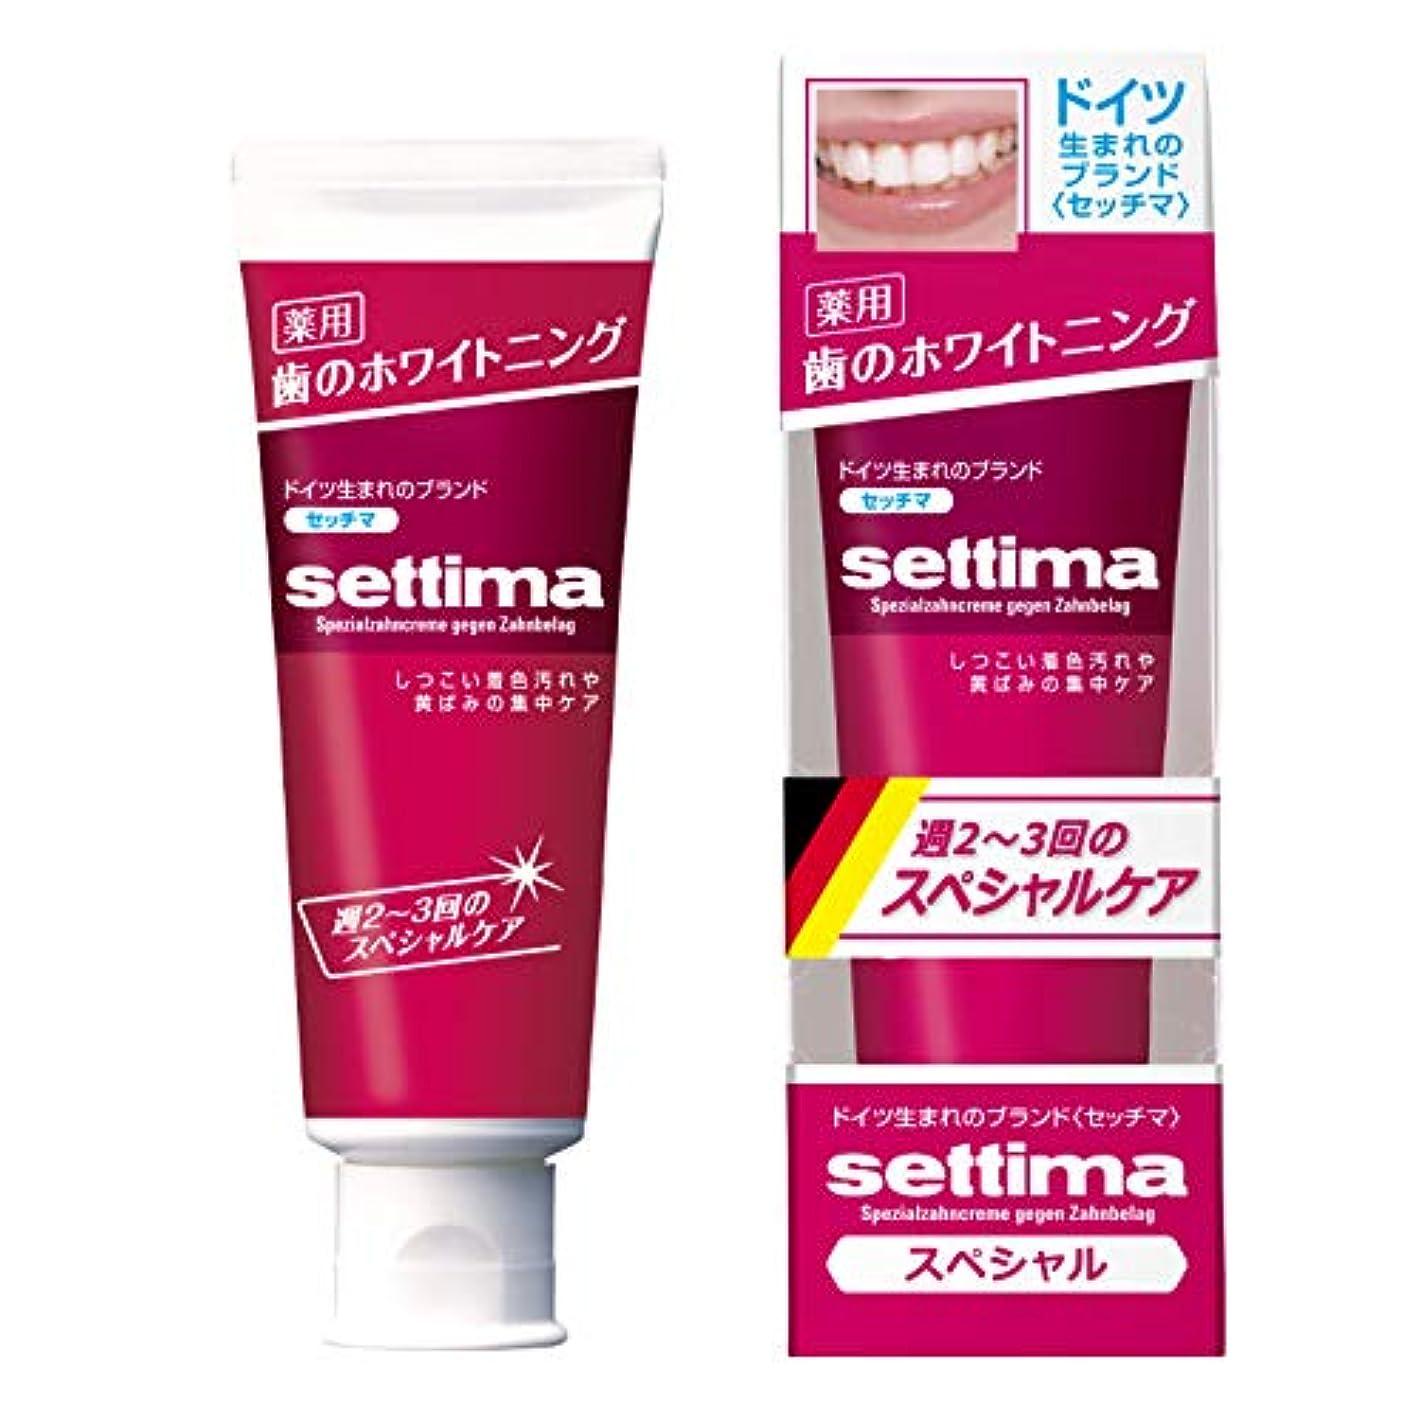 逸話シットコムブリード[医薬部外品] settima(セッチマ) ホワイトニング 歯みがき スペシャルケア [ペパーミントタイプ] <ステインケア タバコのヤニ取り フッ素配合 虫歯予防> 80g